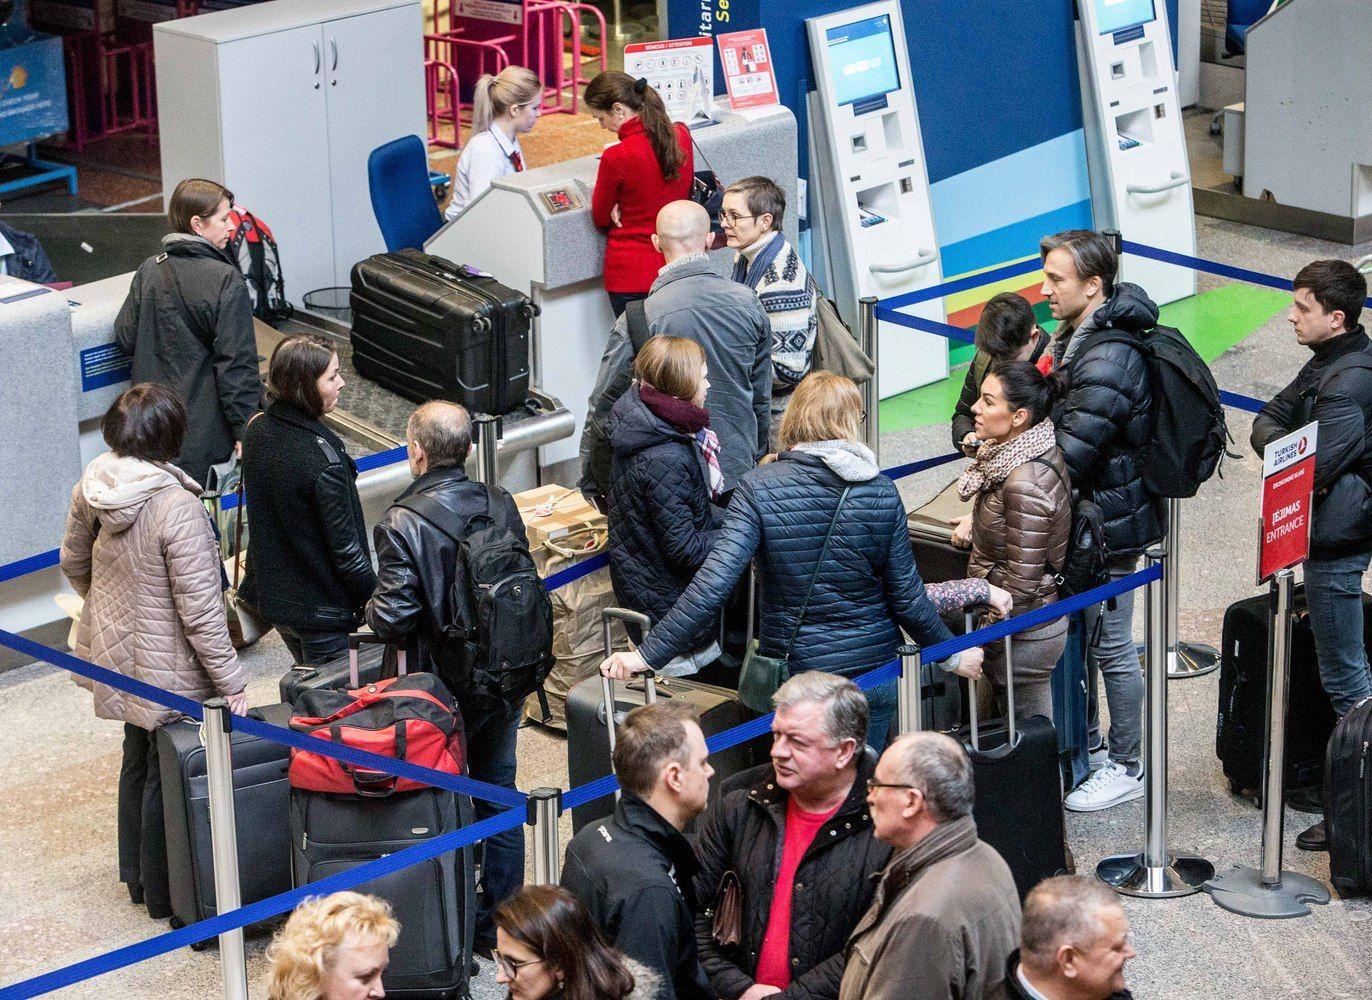 Keleivių registracijos sistemos gedimas sutrikdė pasaulio oro uostų darbą